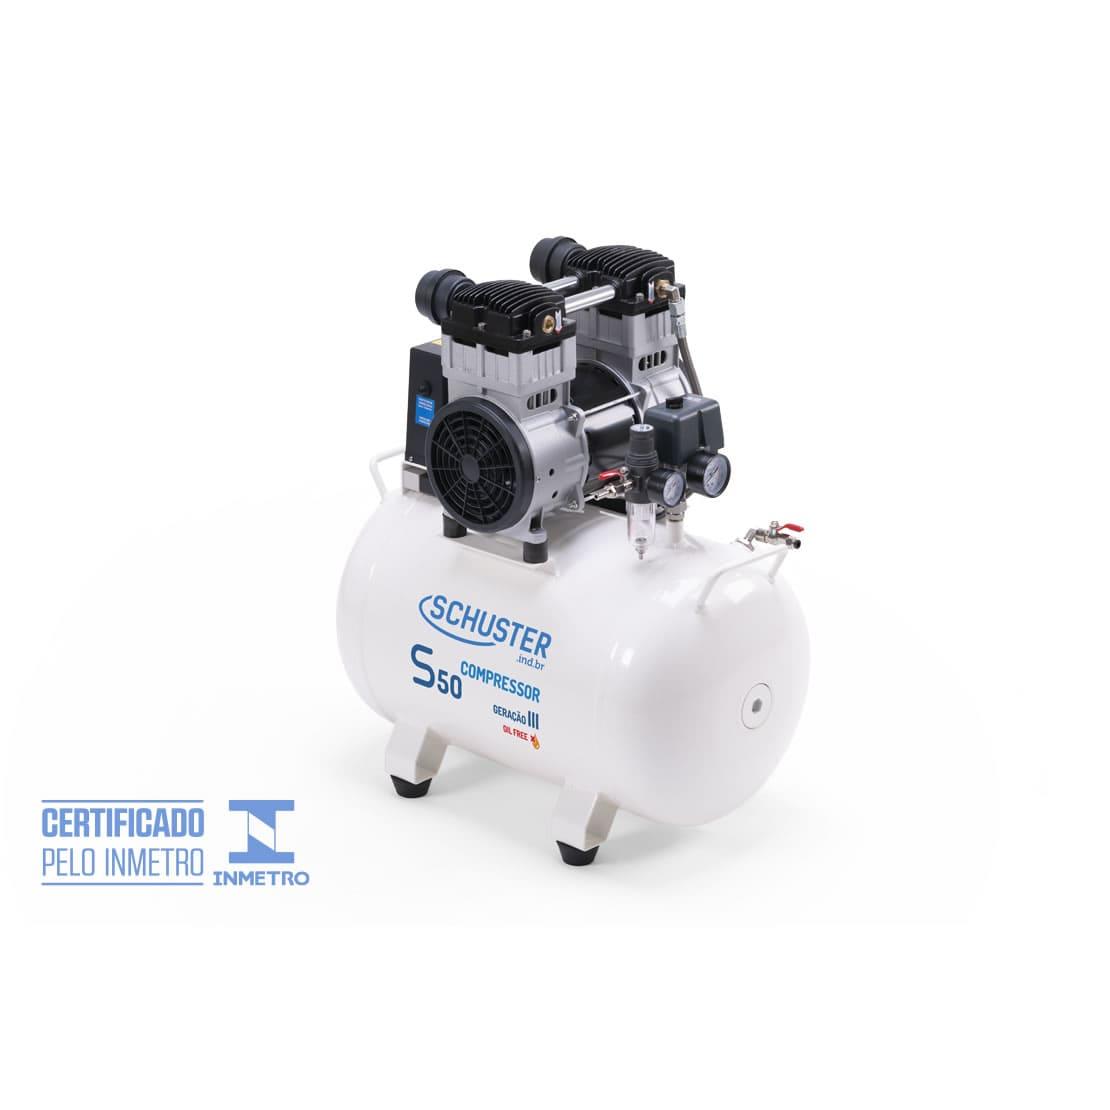 Compressor isento de óleo S50 - Geração III - Schuster